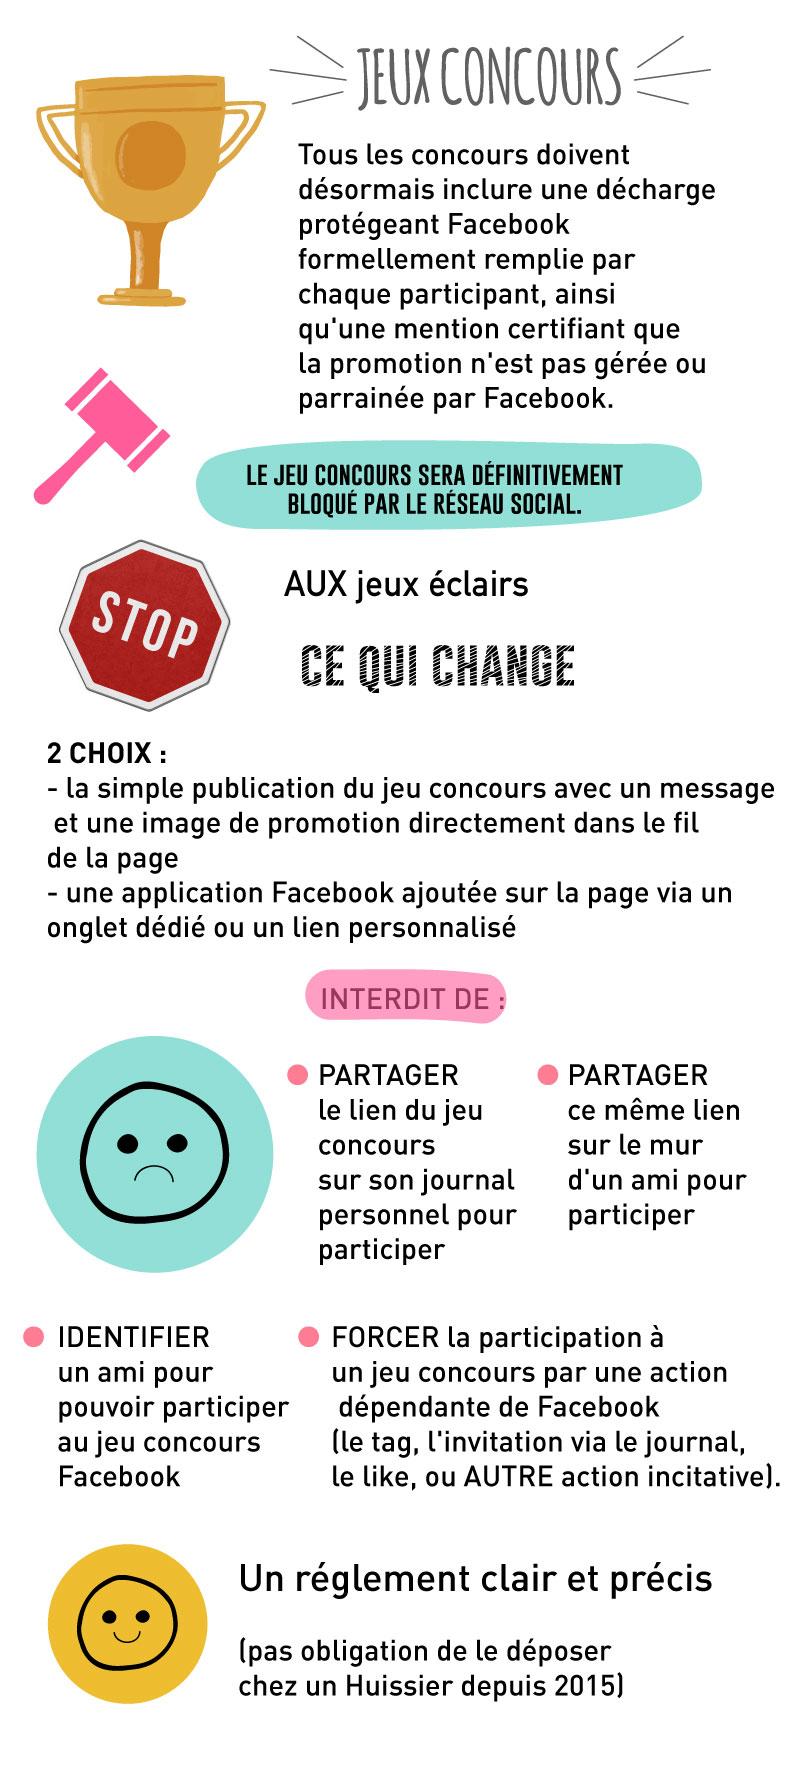 infographie-nouvelles-regles-facebook-jeux-concours